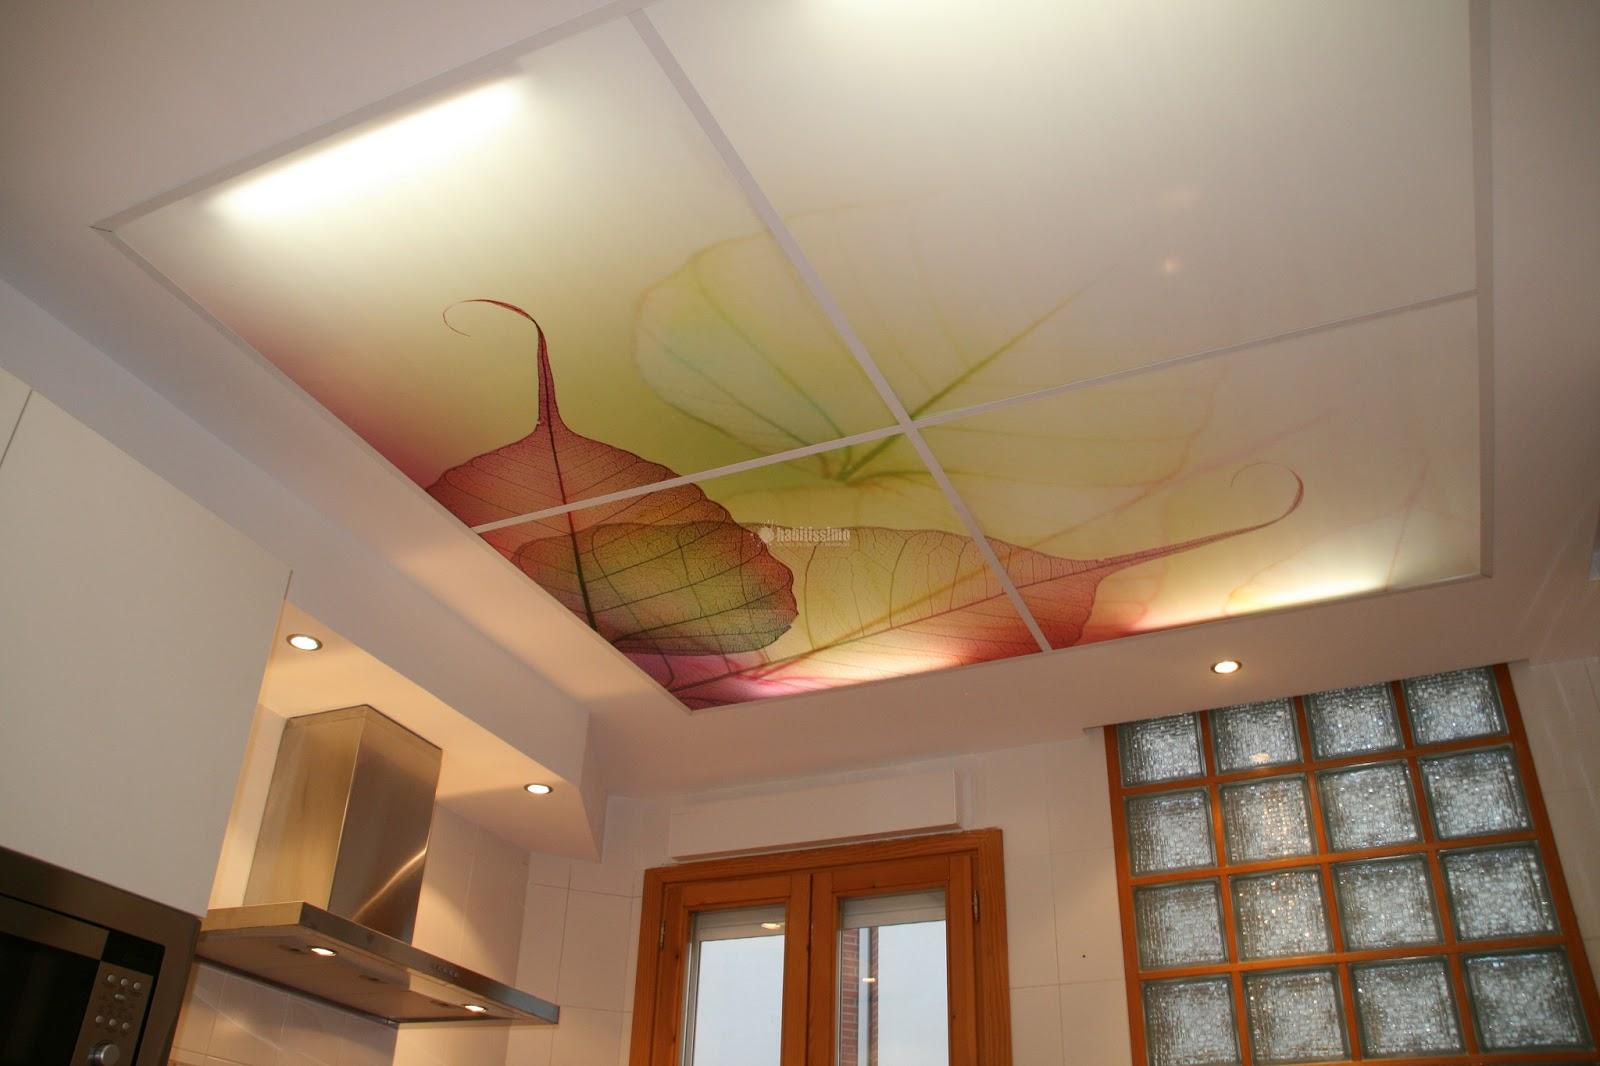 Pinturas y decoraci n 35 como pintar techo cocina - Como pintar el techo ...